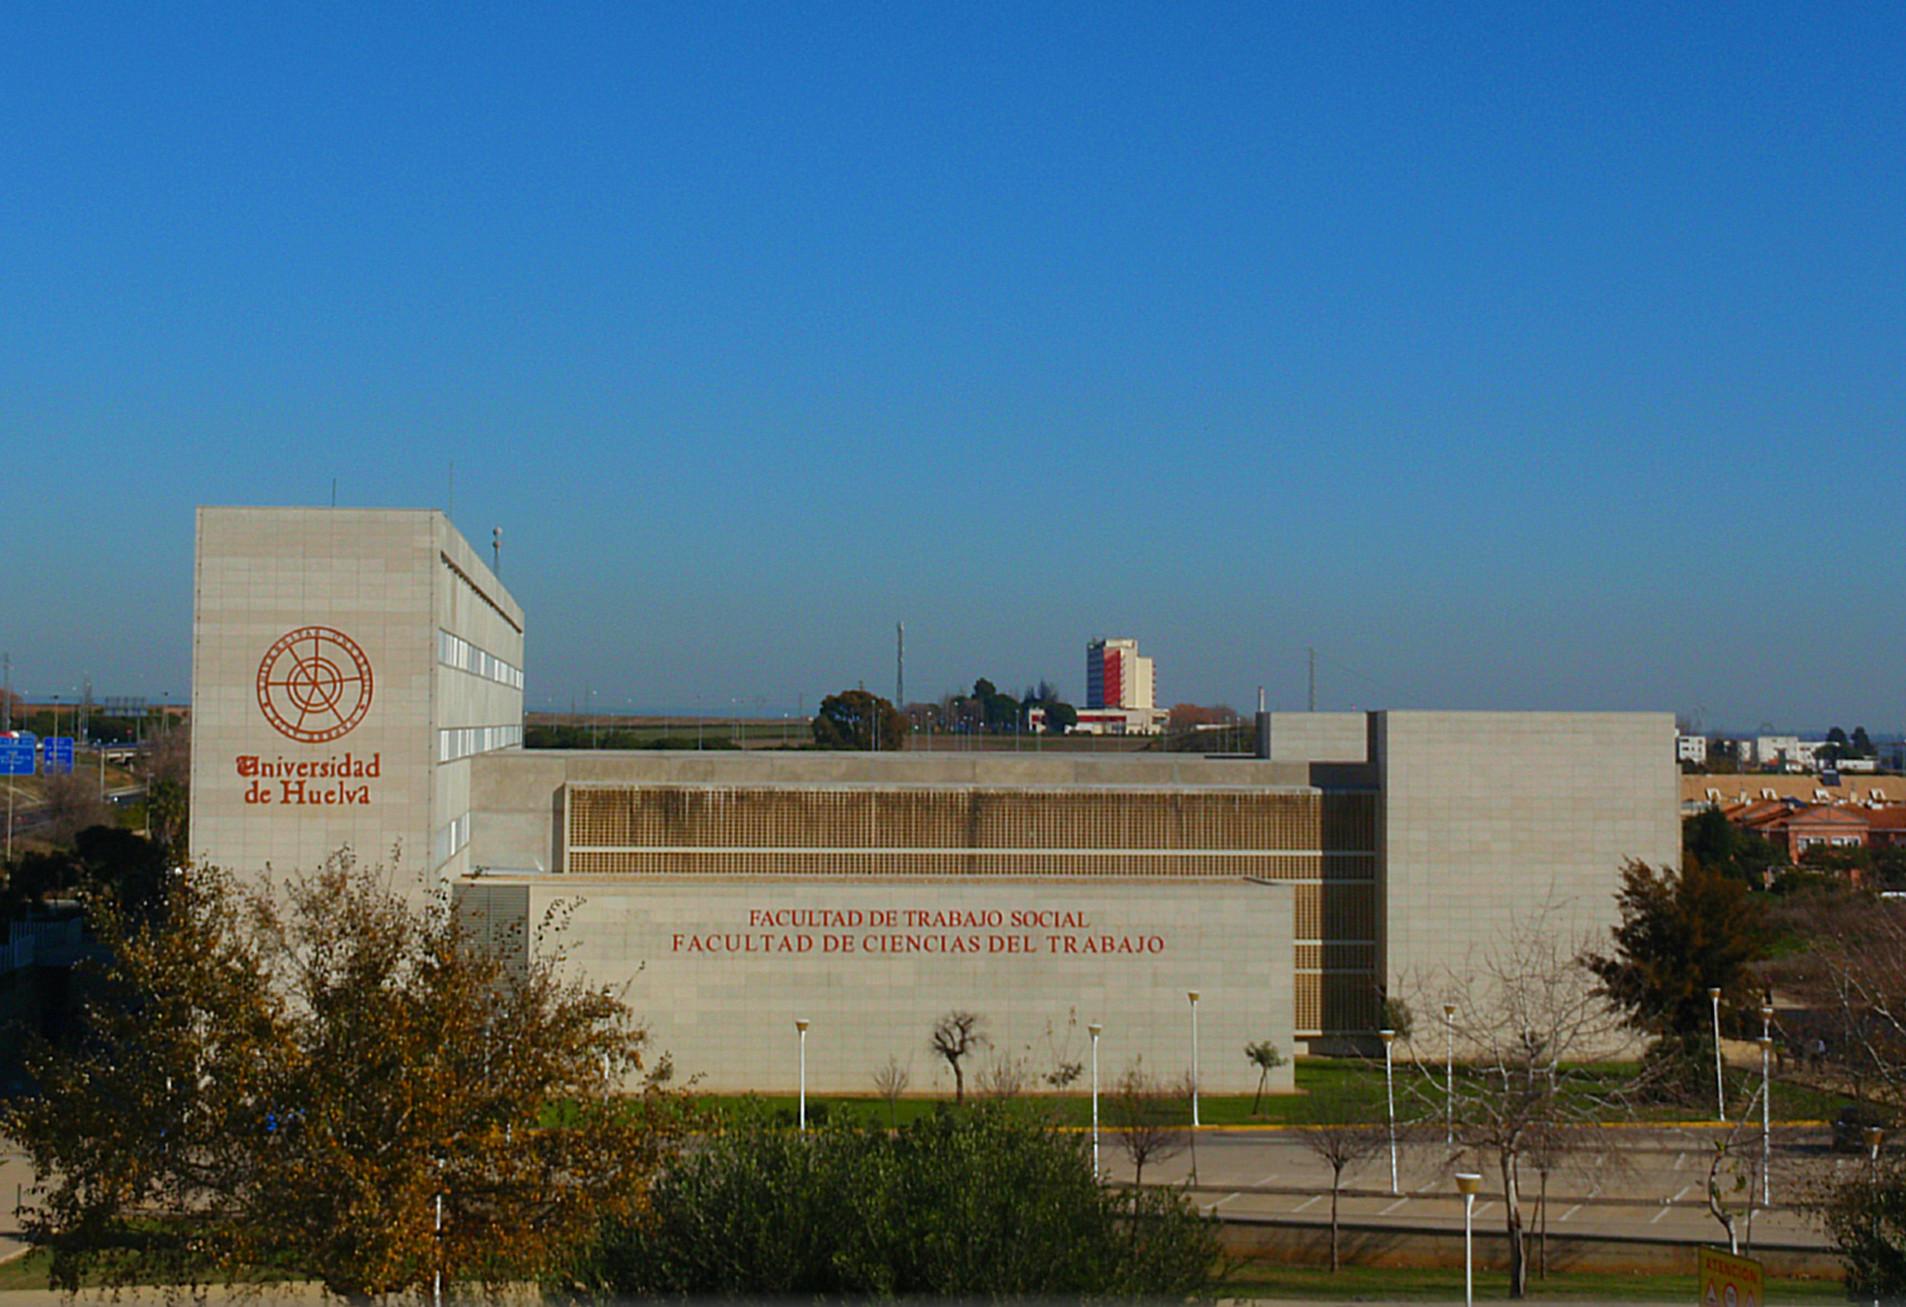 L'université de Huelva